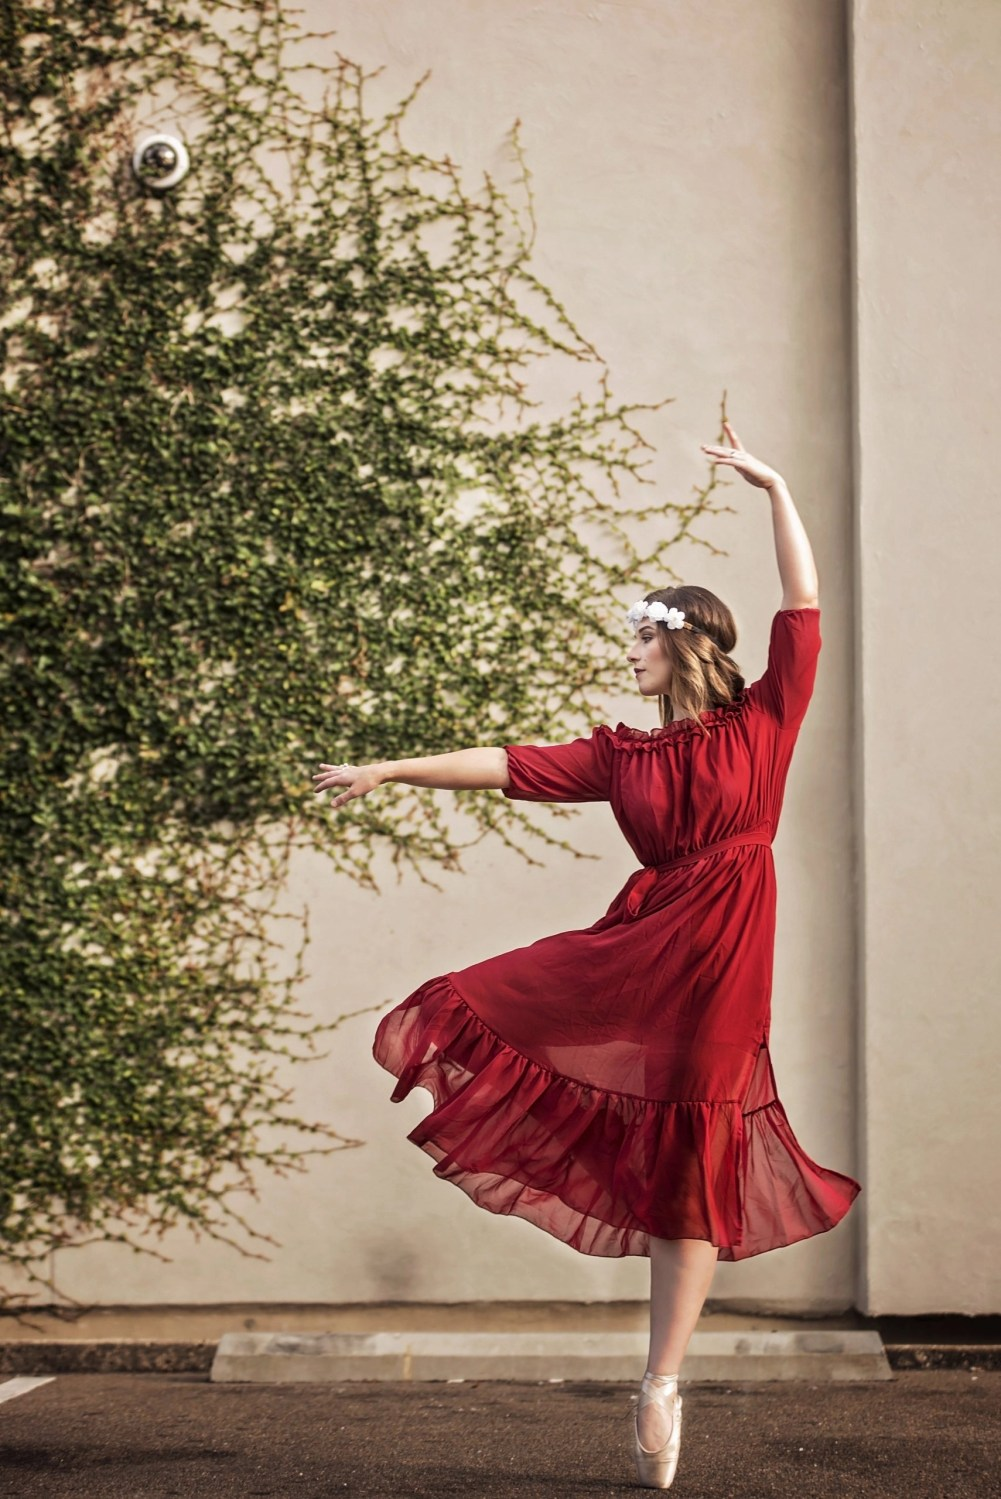 senior portrait of ballerina in red dress